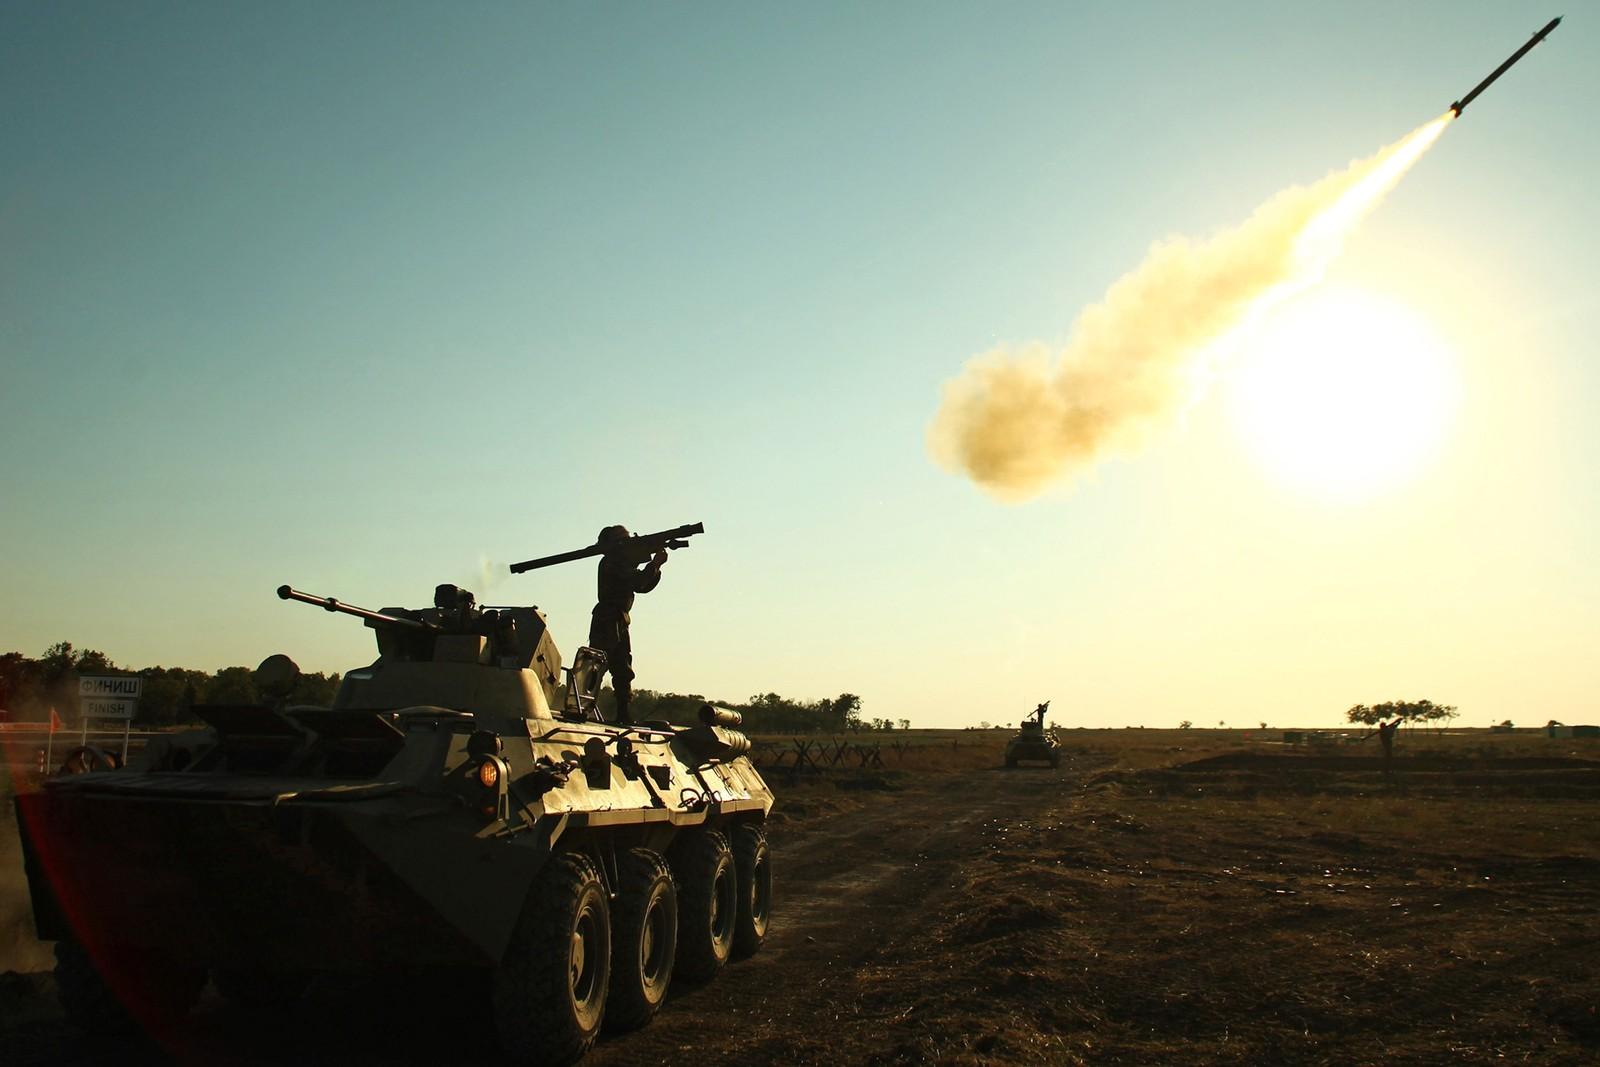 """En soldat fyrer av en luftforsvarsrakett under de internasjonale Militærlekene """"Masters of Antiaircraft Battle - 2015"""". Arrangementet foregikk utenfor byen Yeinsk i Russland."""